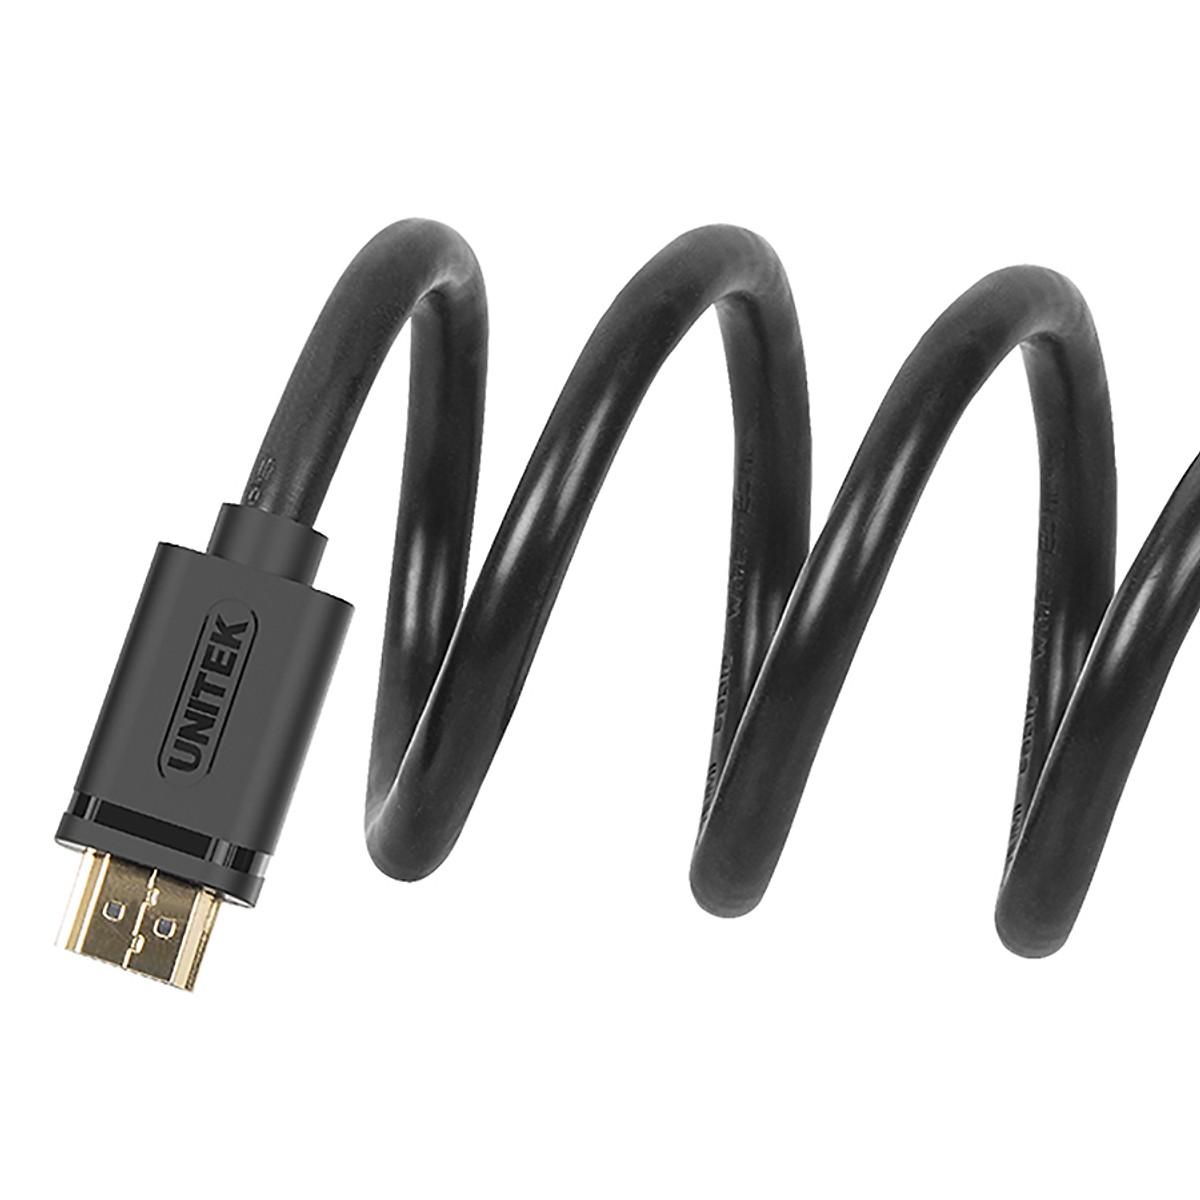 Dây 2 Đầu HDMI 10M UNITEK - Cáp HDMI 10M UNITEK Full HD 4K - Hàng Chính Hãng